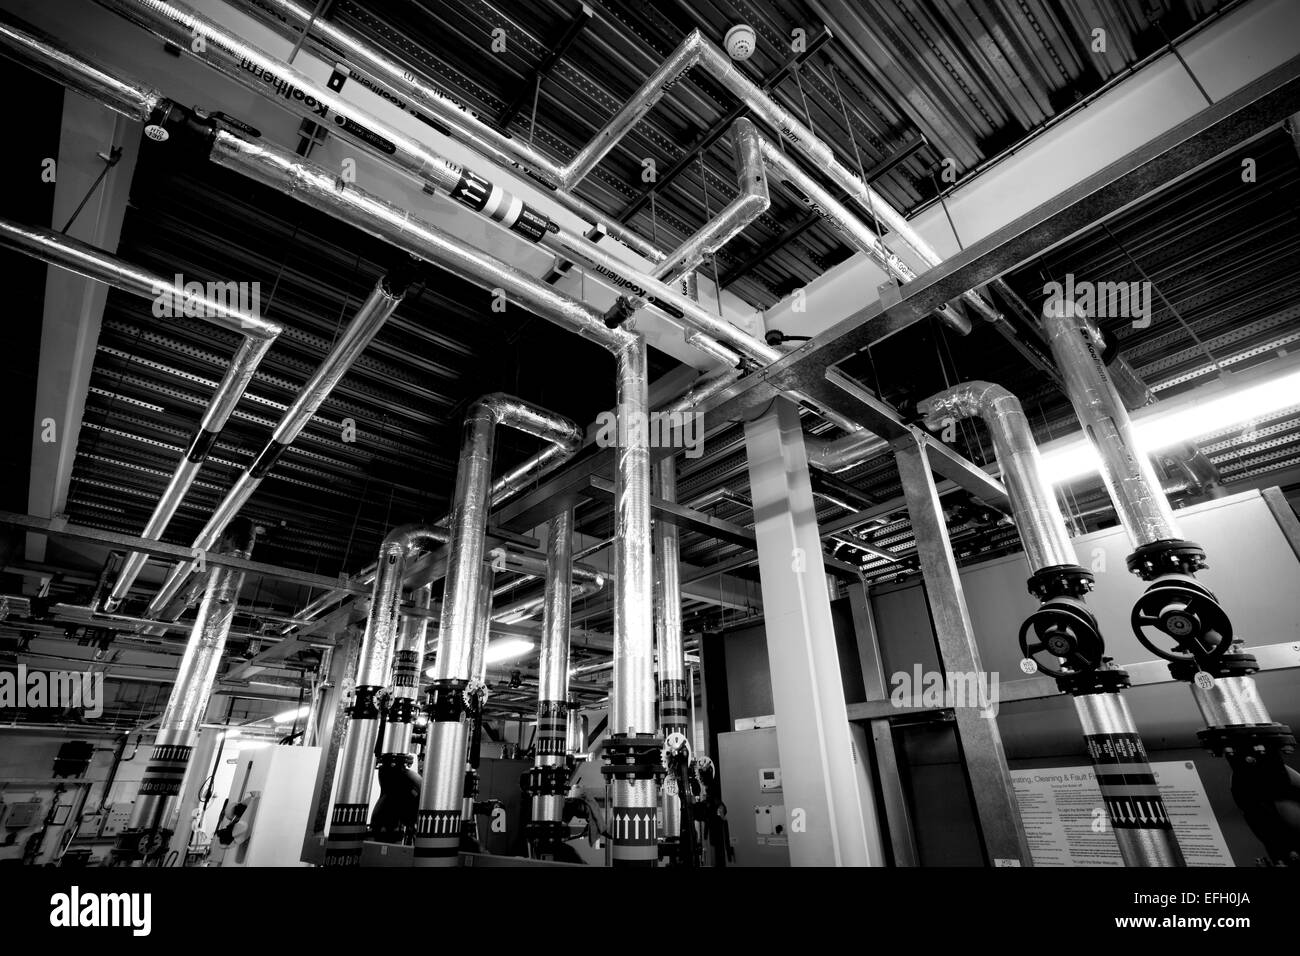 Großartig Funktion Des Kessels Im Wärmekraftwerk Fotos - Die Besten ...